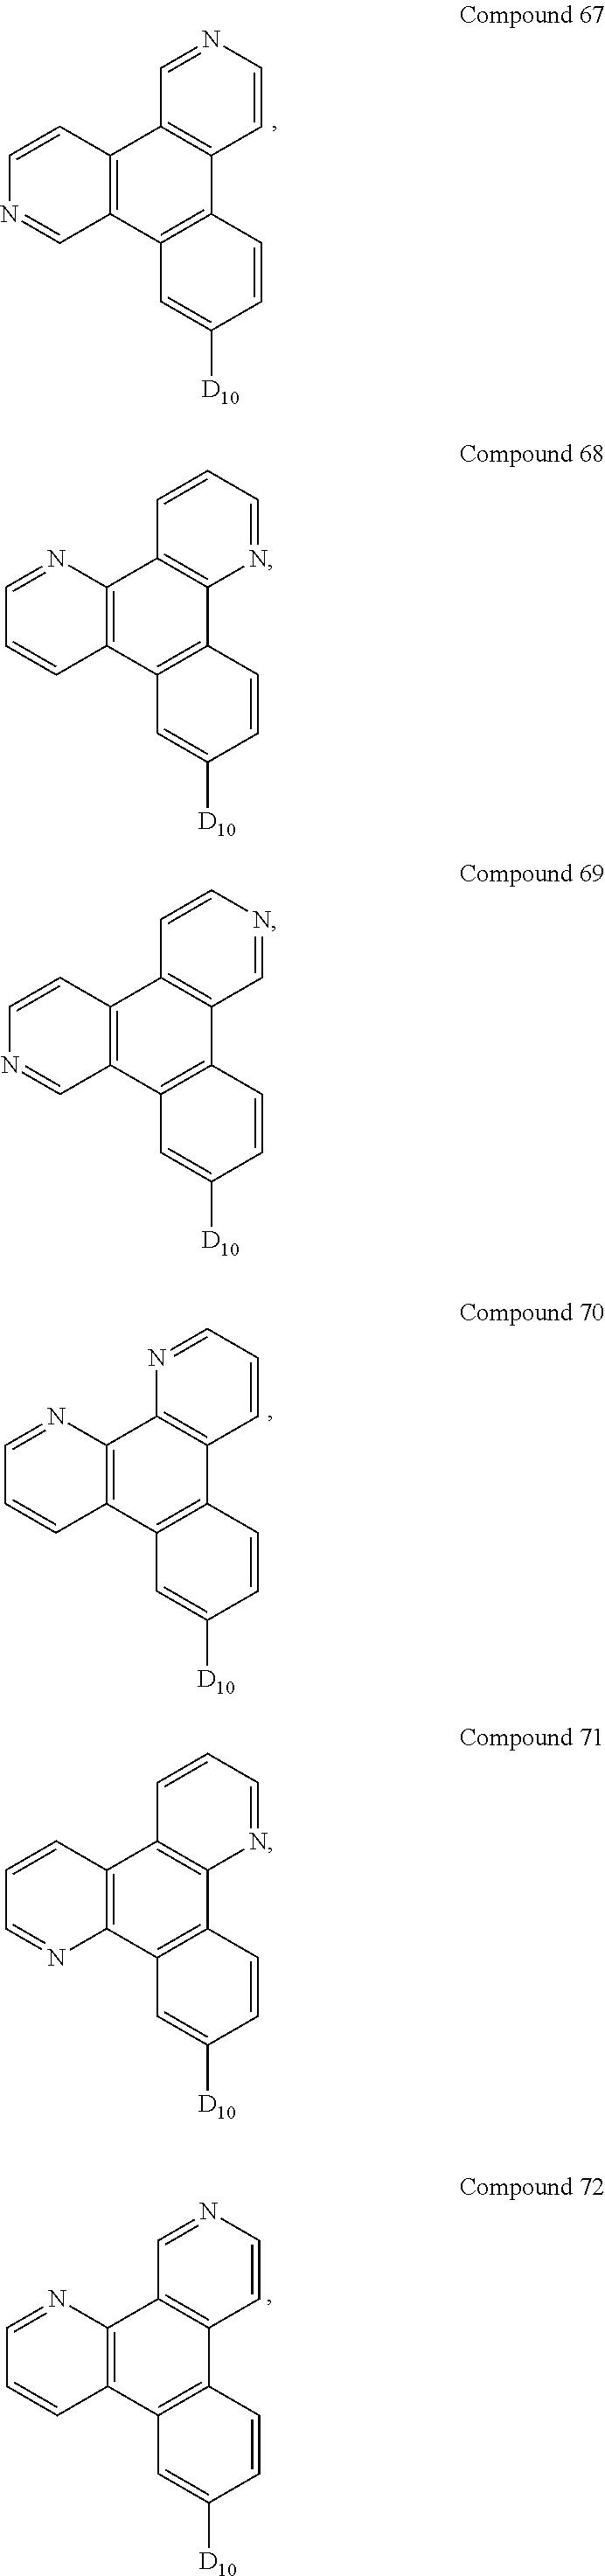 Figure US09537106-20170103-C00066